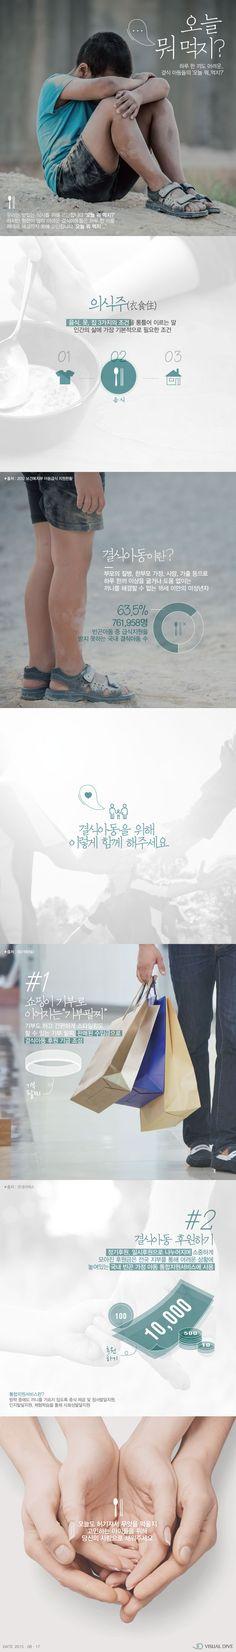 '방학이 힘든 아이들'…결식아동에 사랑을 [인포그래픽] #Underfed_children / #Infographic ⓒ 비주얼다이브 무단 복사·전재·재배포 금지